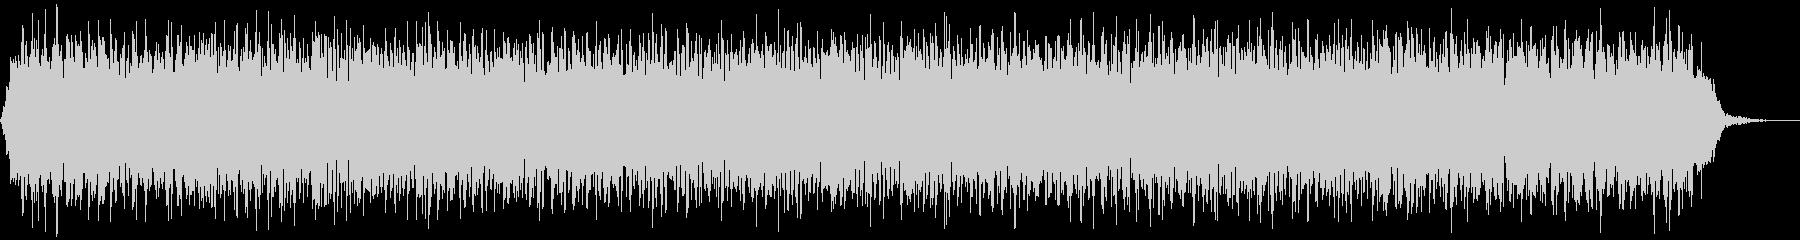 【アンビエント】ドローン_14 実験音の未再生の波形